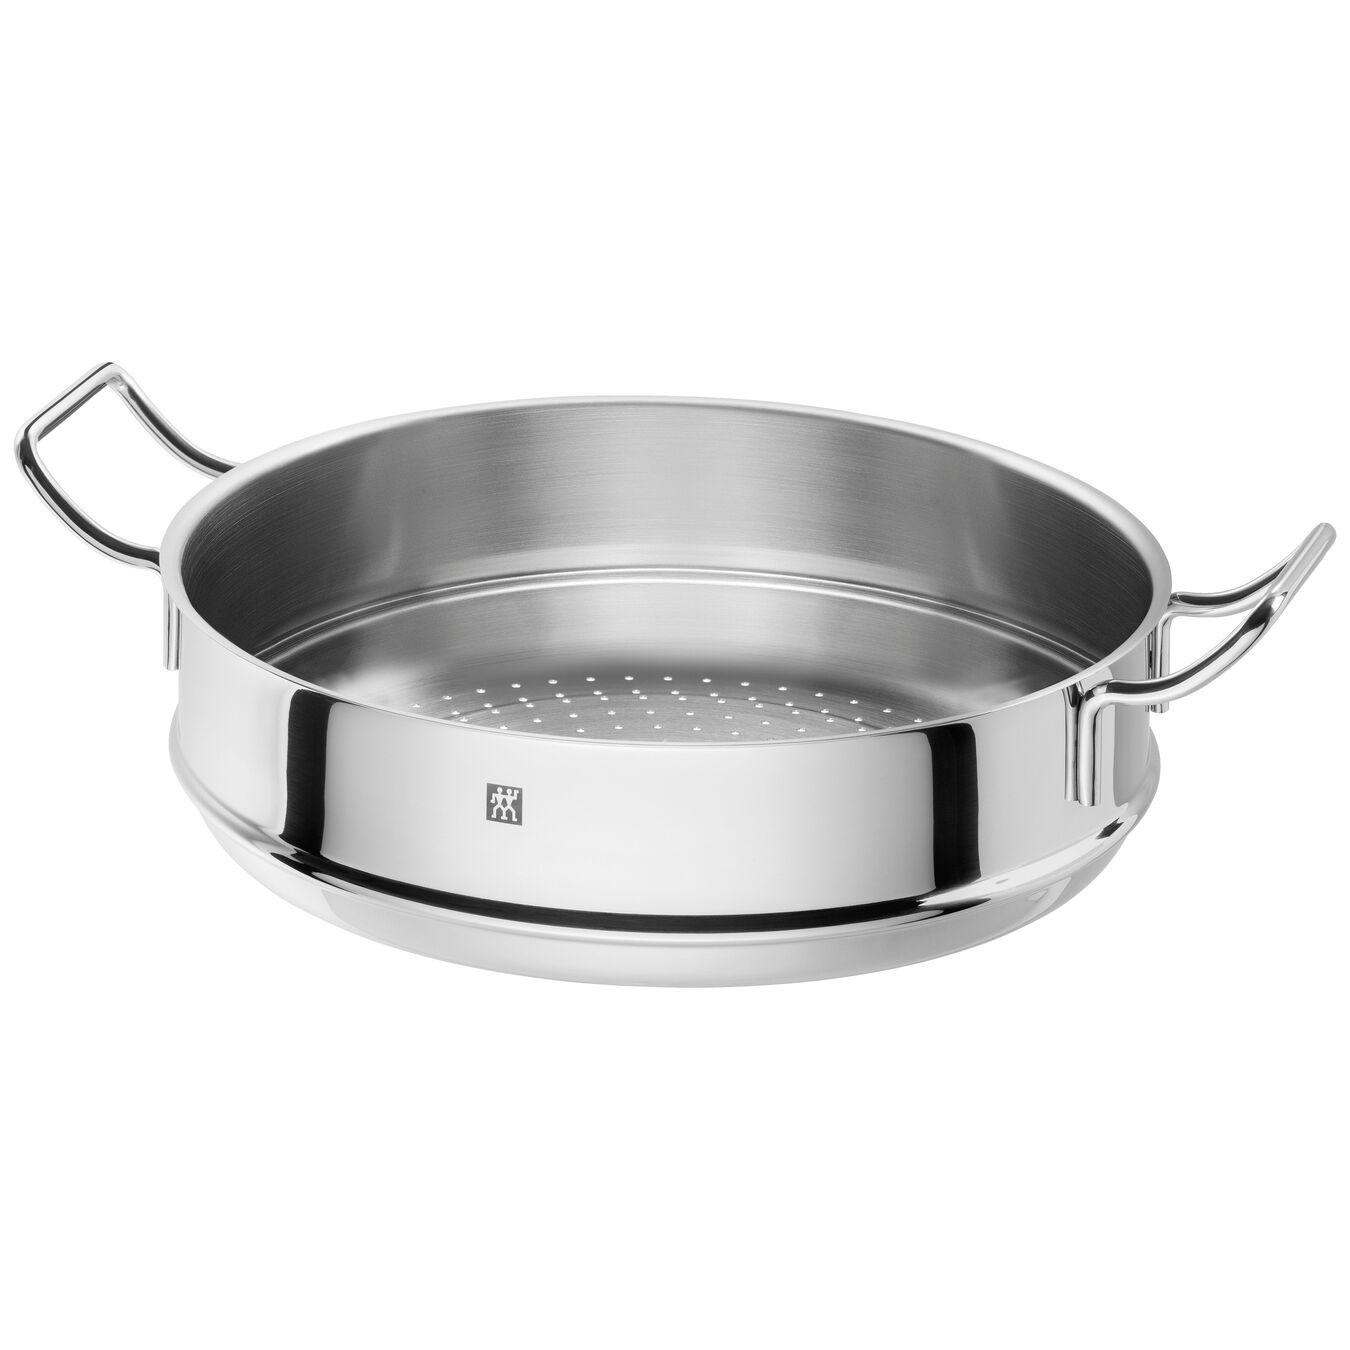 Passoire pour cuit vapeur 32 cm,,large 1